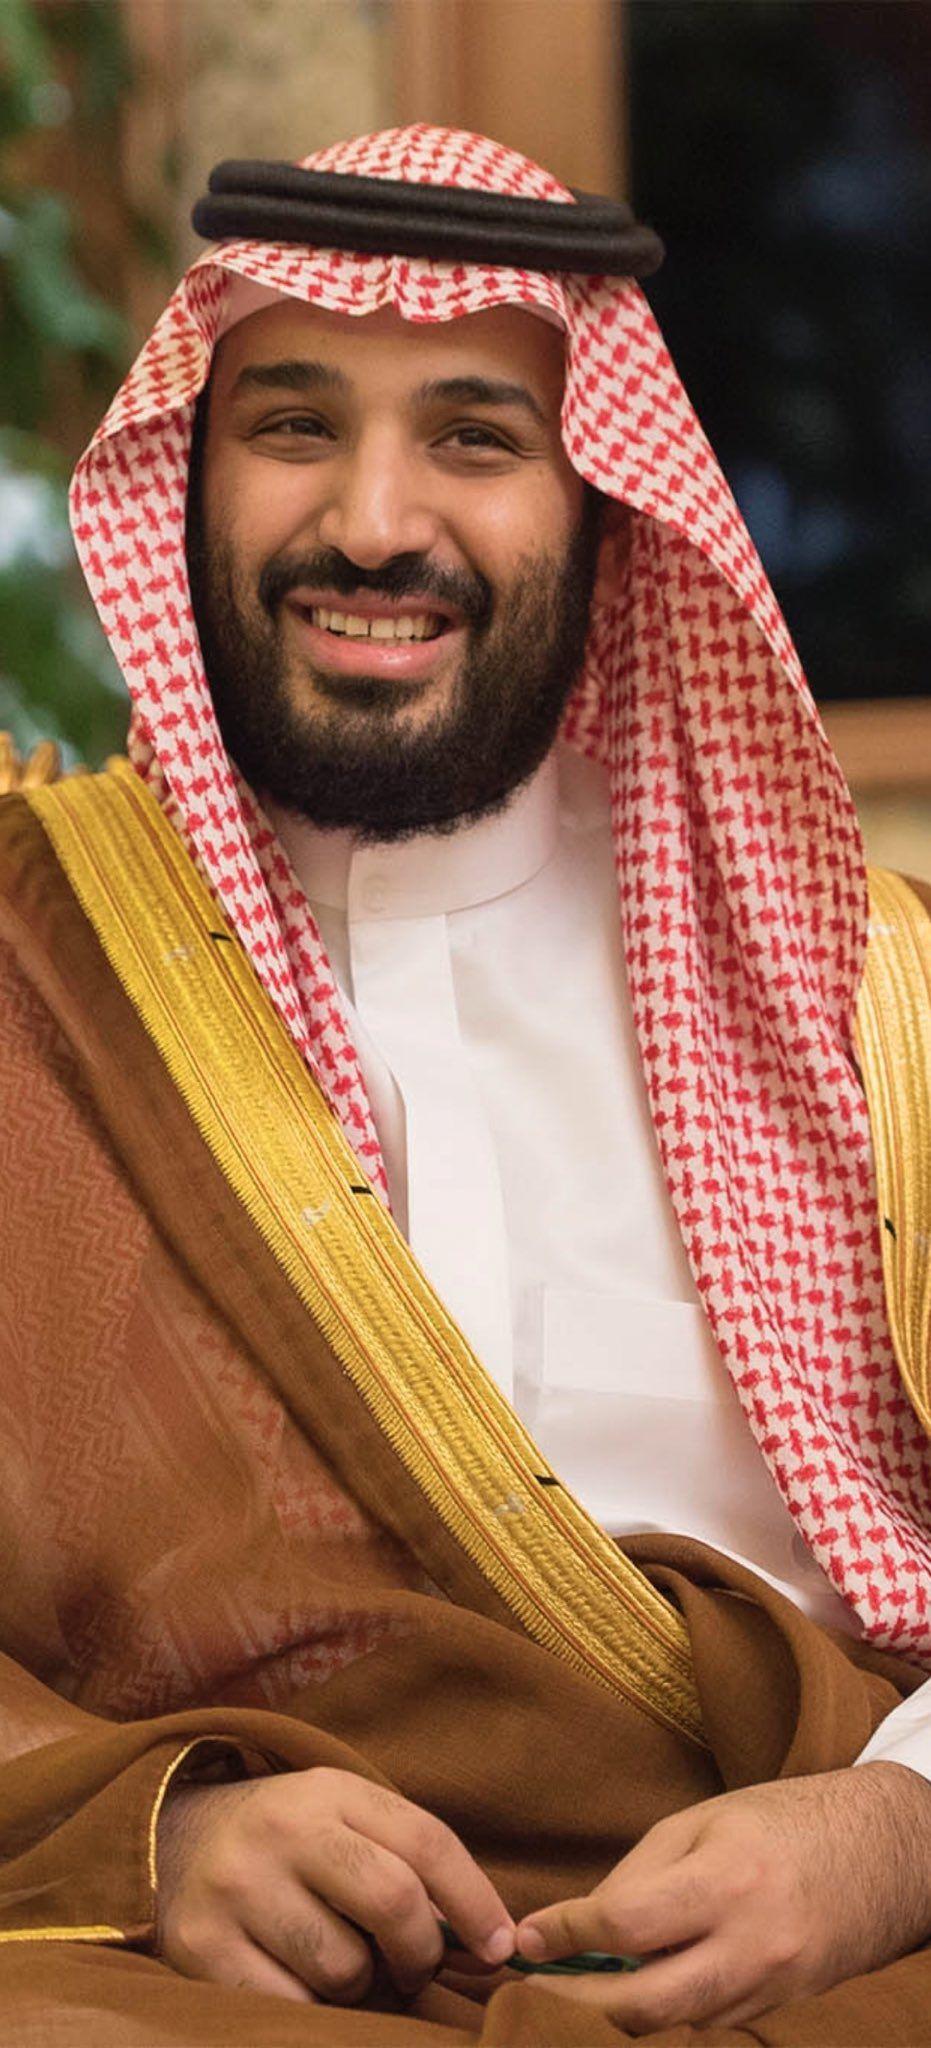 فخر العرب Prince Saudi Arabia Prince Prince Mohammed